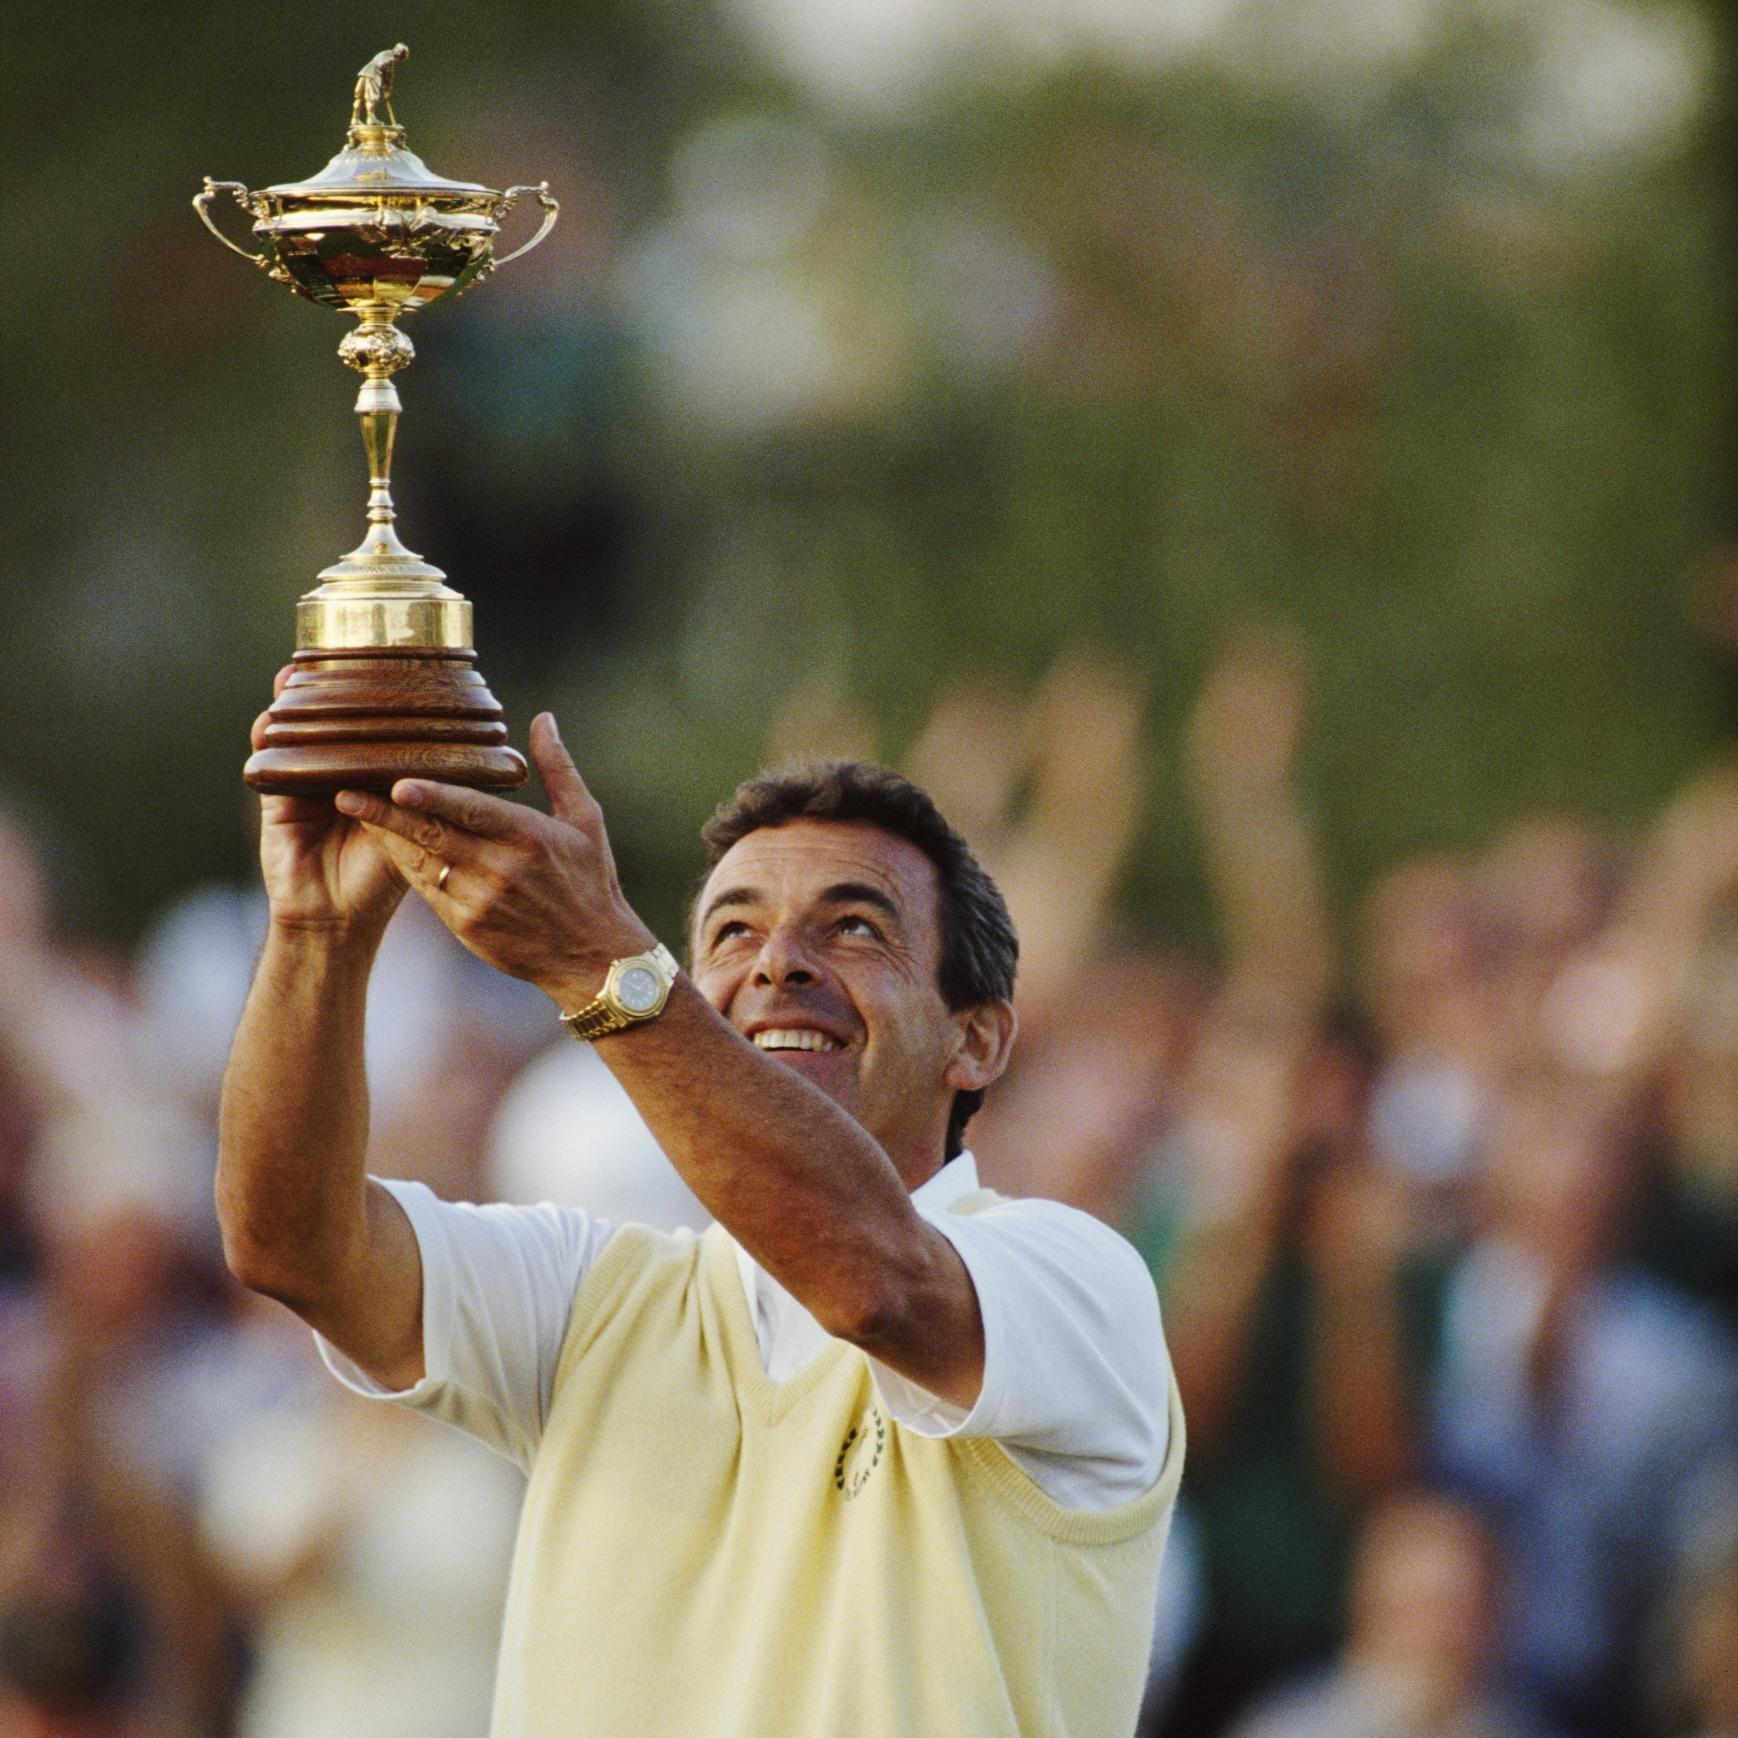 My golfing hero Tony Jacklin